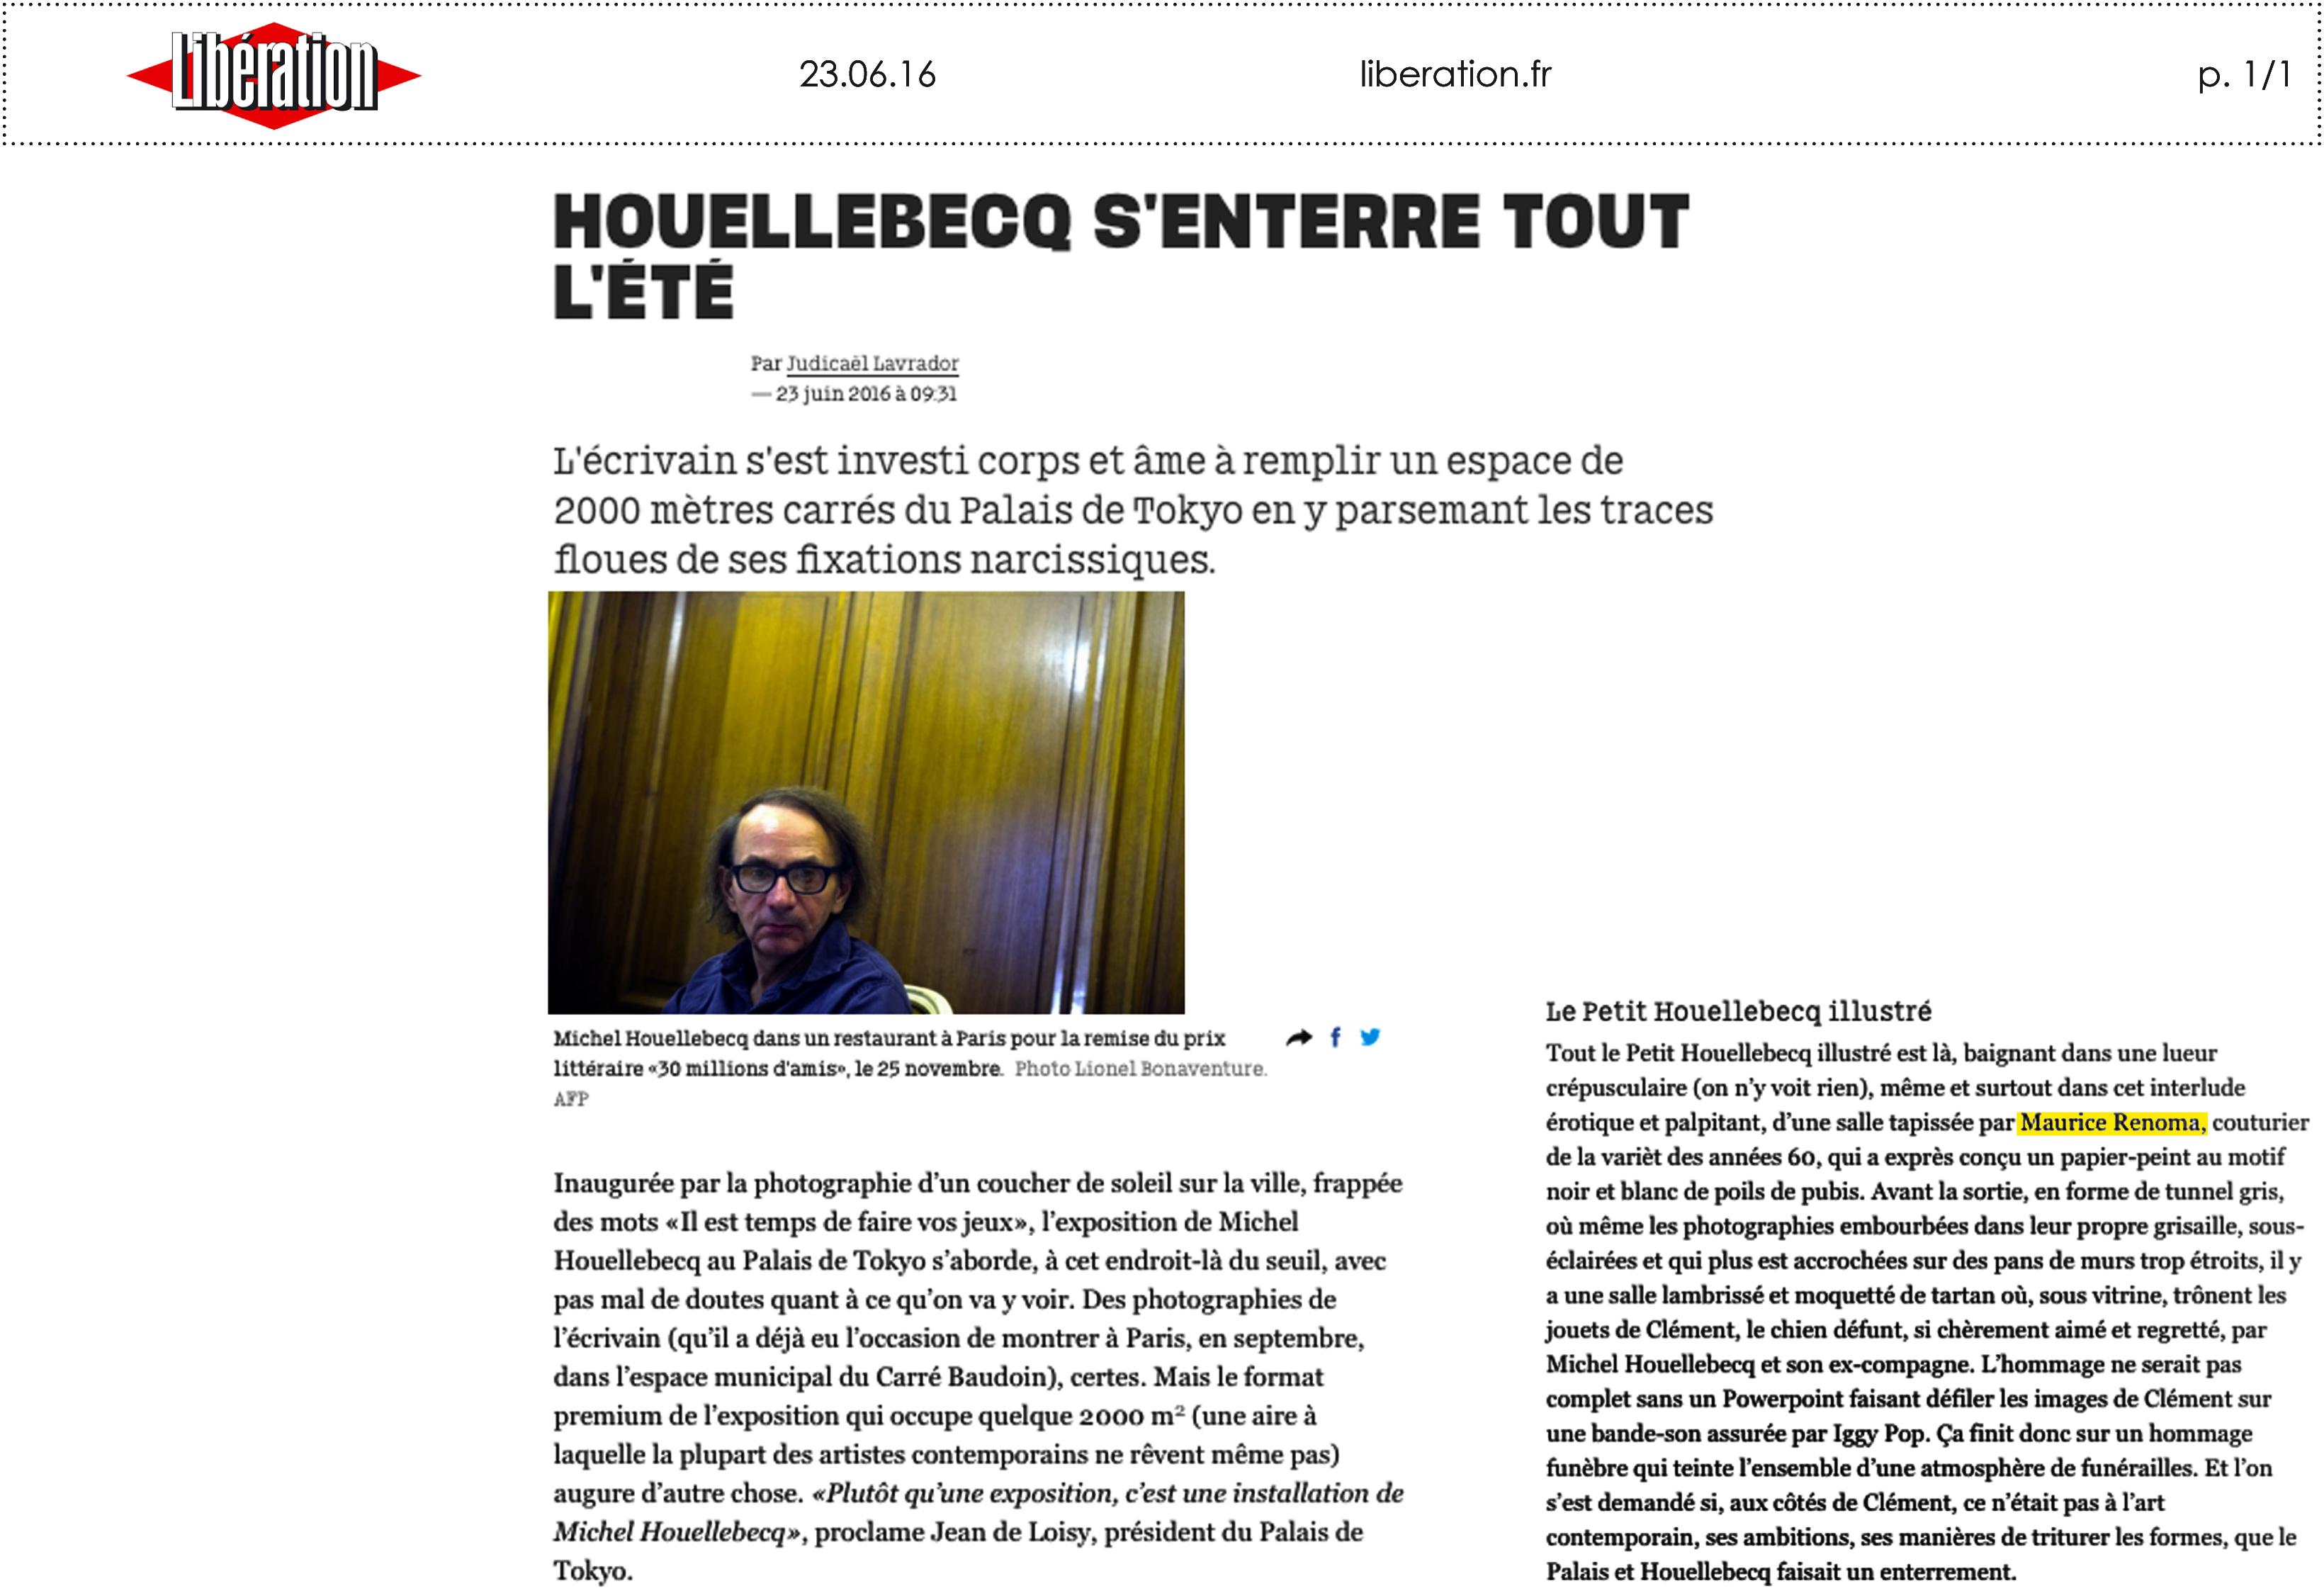 23.06.16 _ Libération